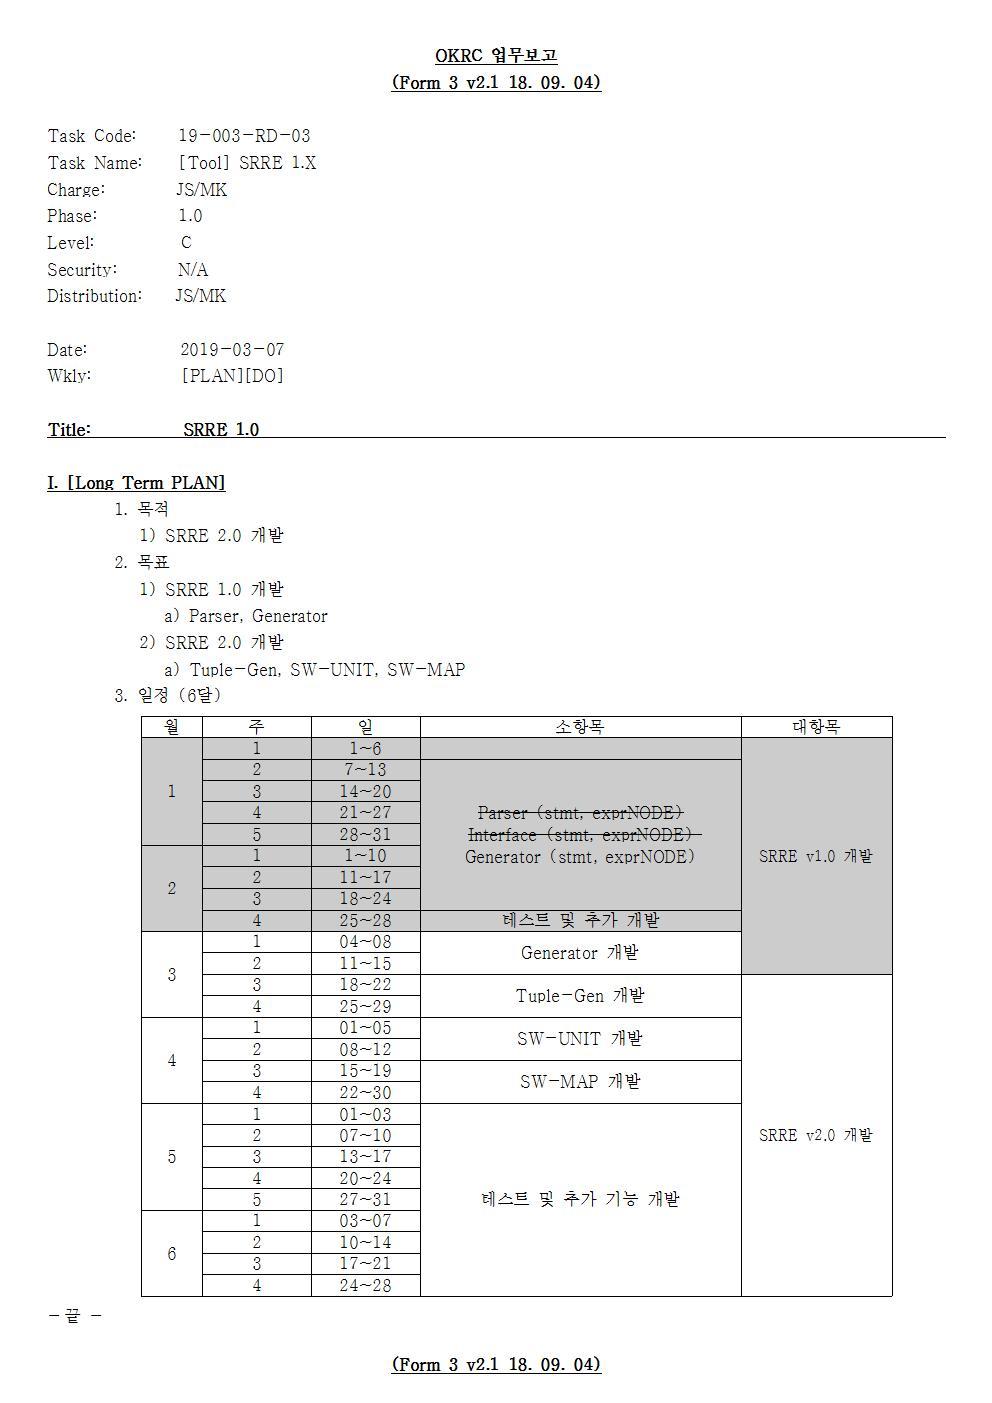 D-[19-003-RD-03]-[Tool-SRRE-1.X]-[2019-03-07][JS]001.jpg